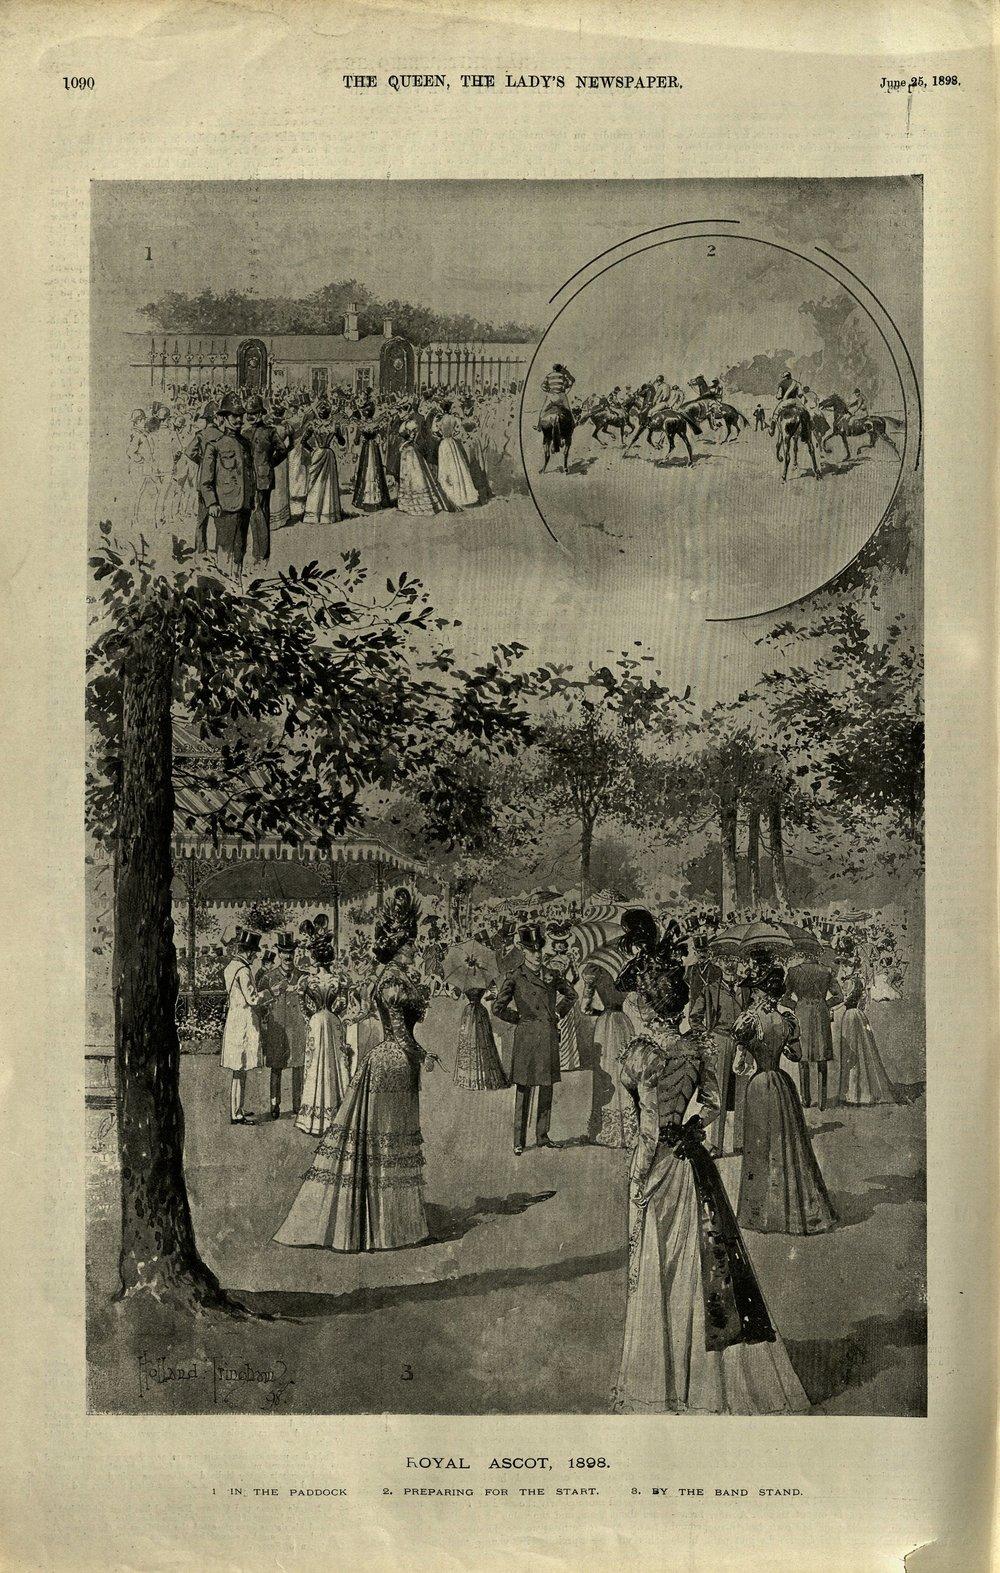 Royal Ascot, 1898